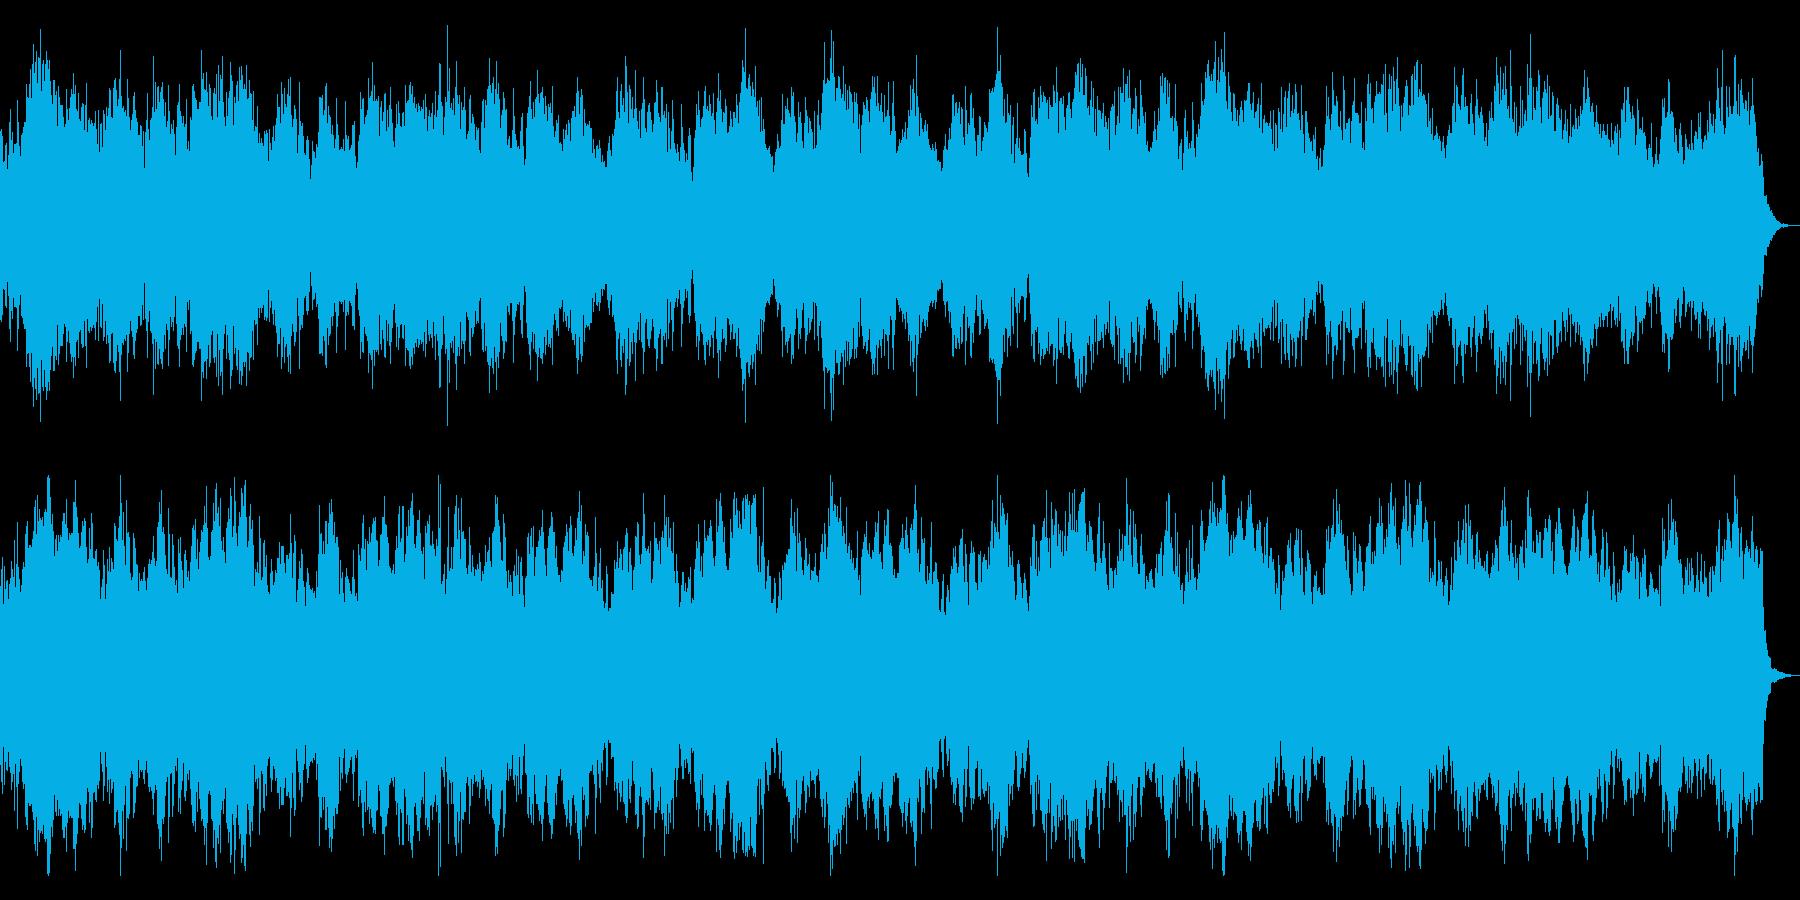 ダークな背景、ホラーなBGM 恐怖感演出の再生済みの波形